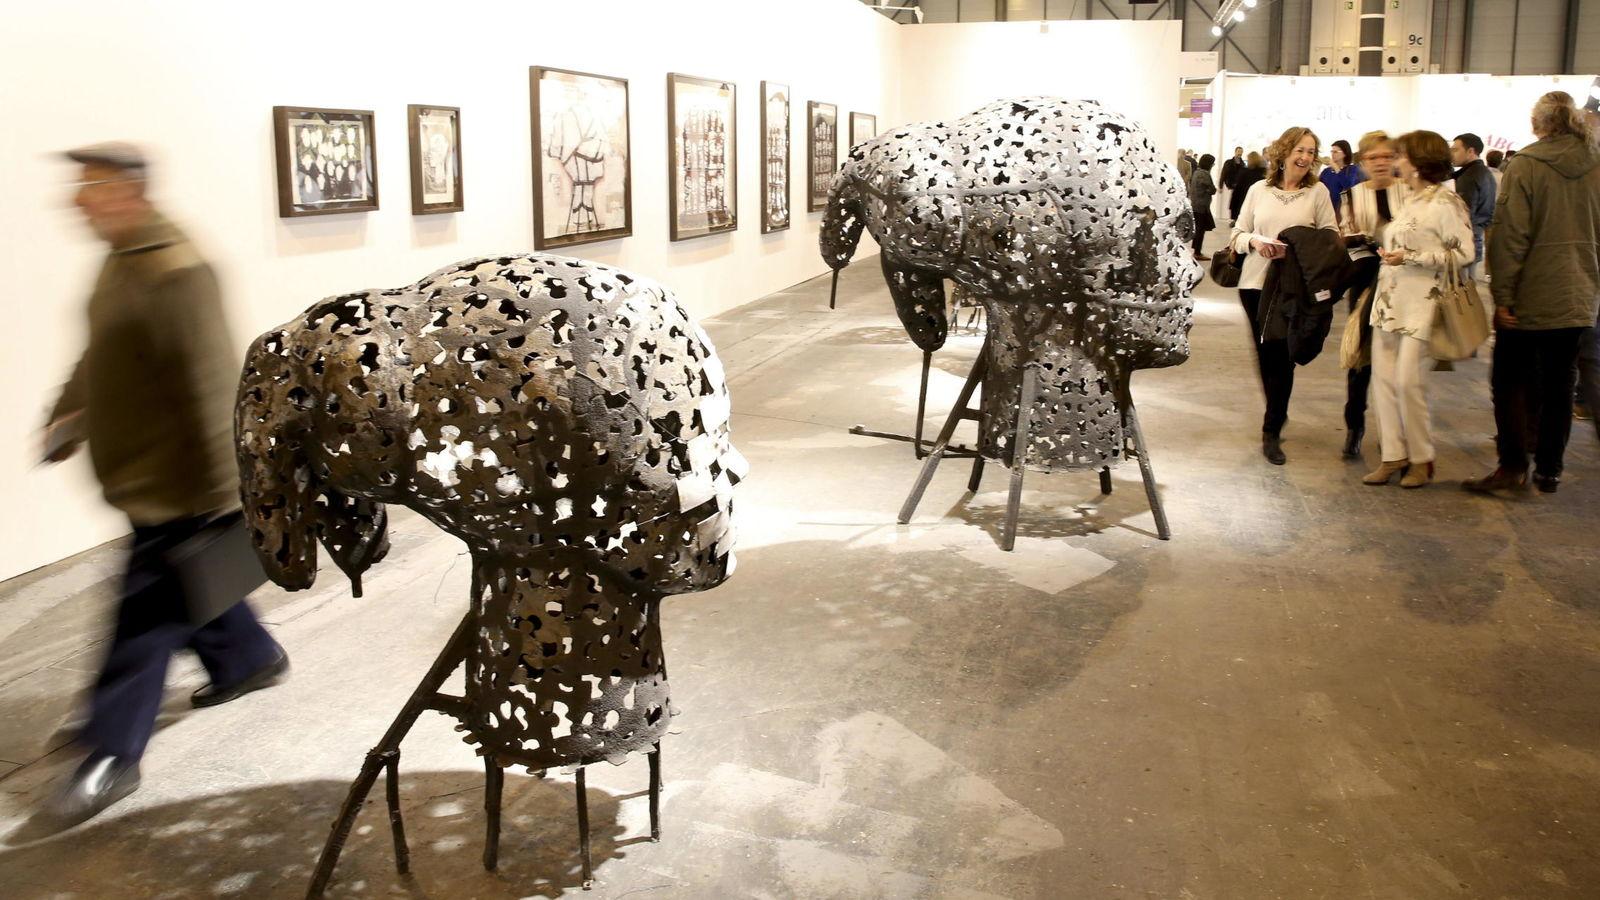 Perú es el país invitado de la Feria Internacional de Arte que se celebra en Madrid